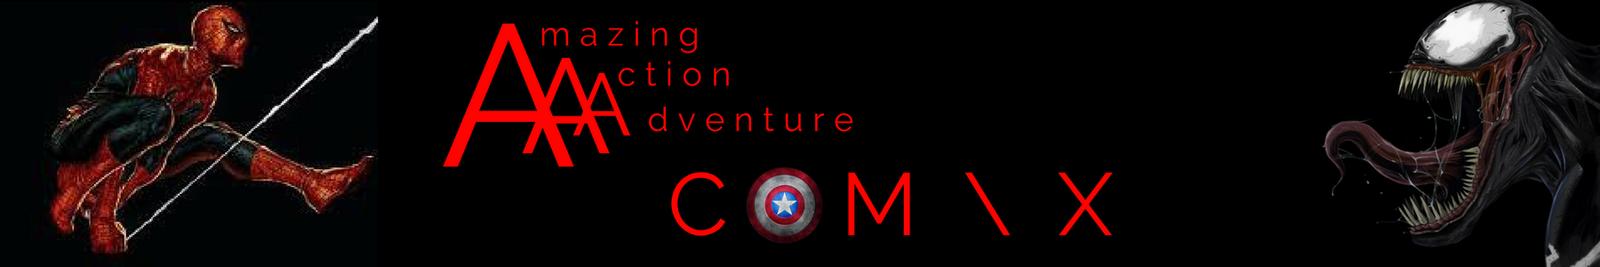 Amazing Action & Adventure Comix